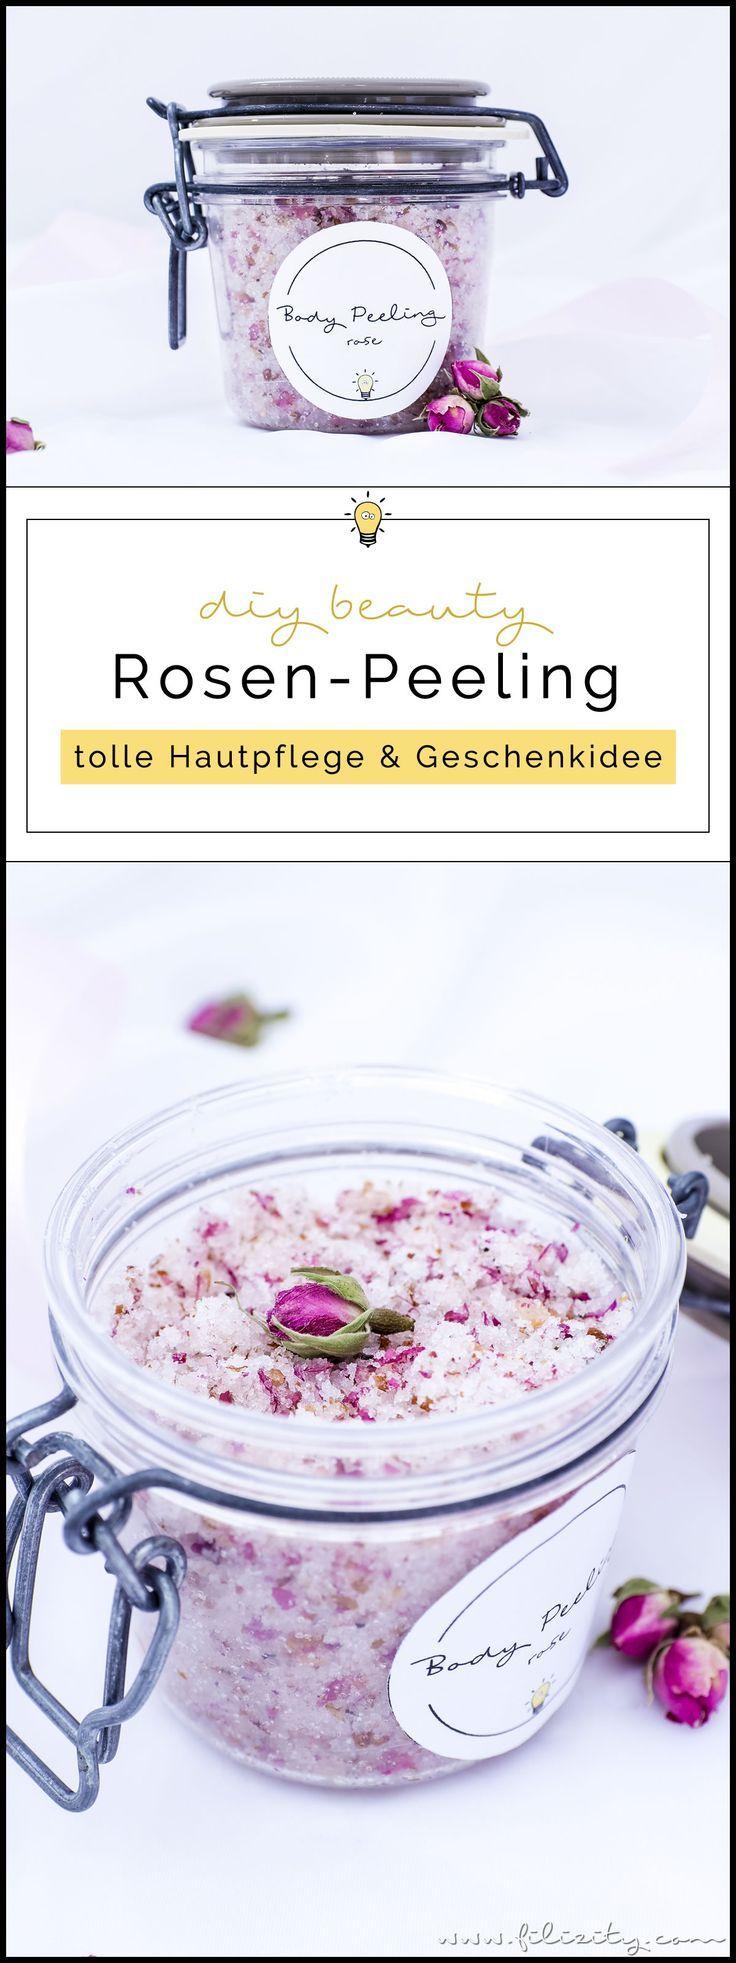 Rosen-Peeling selber machen - DIY Hautpflege & Geschenkidee für Valentinstag | Filizity.com | Beuaty- & DIY-Blog aus dem Rheinland